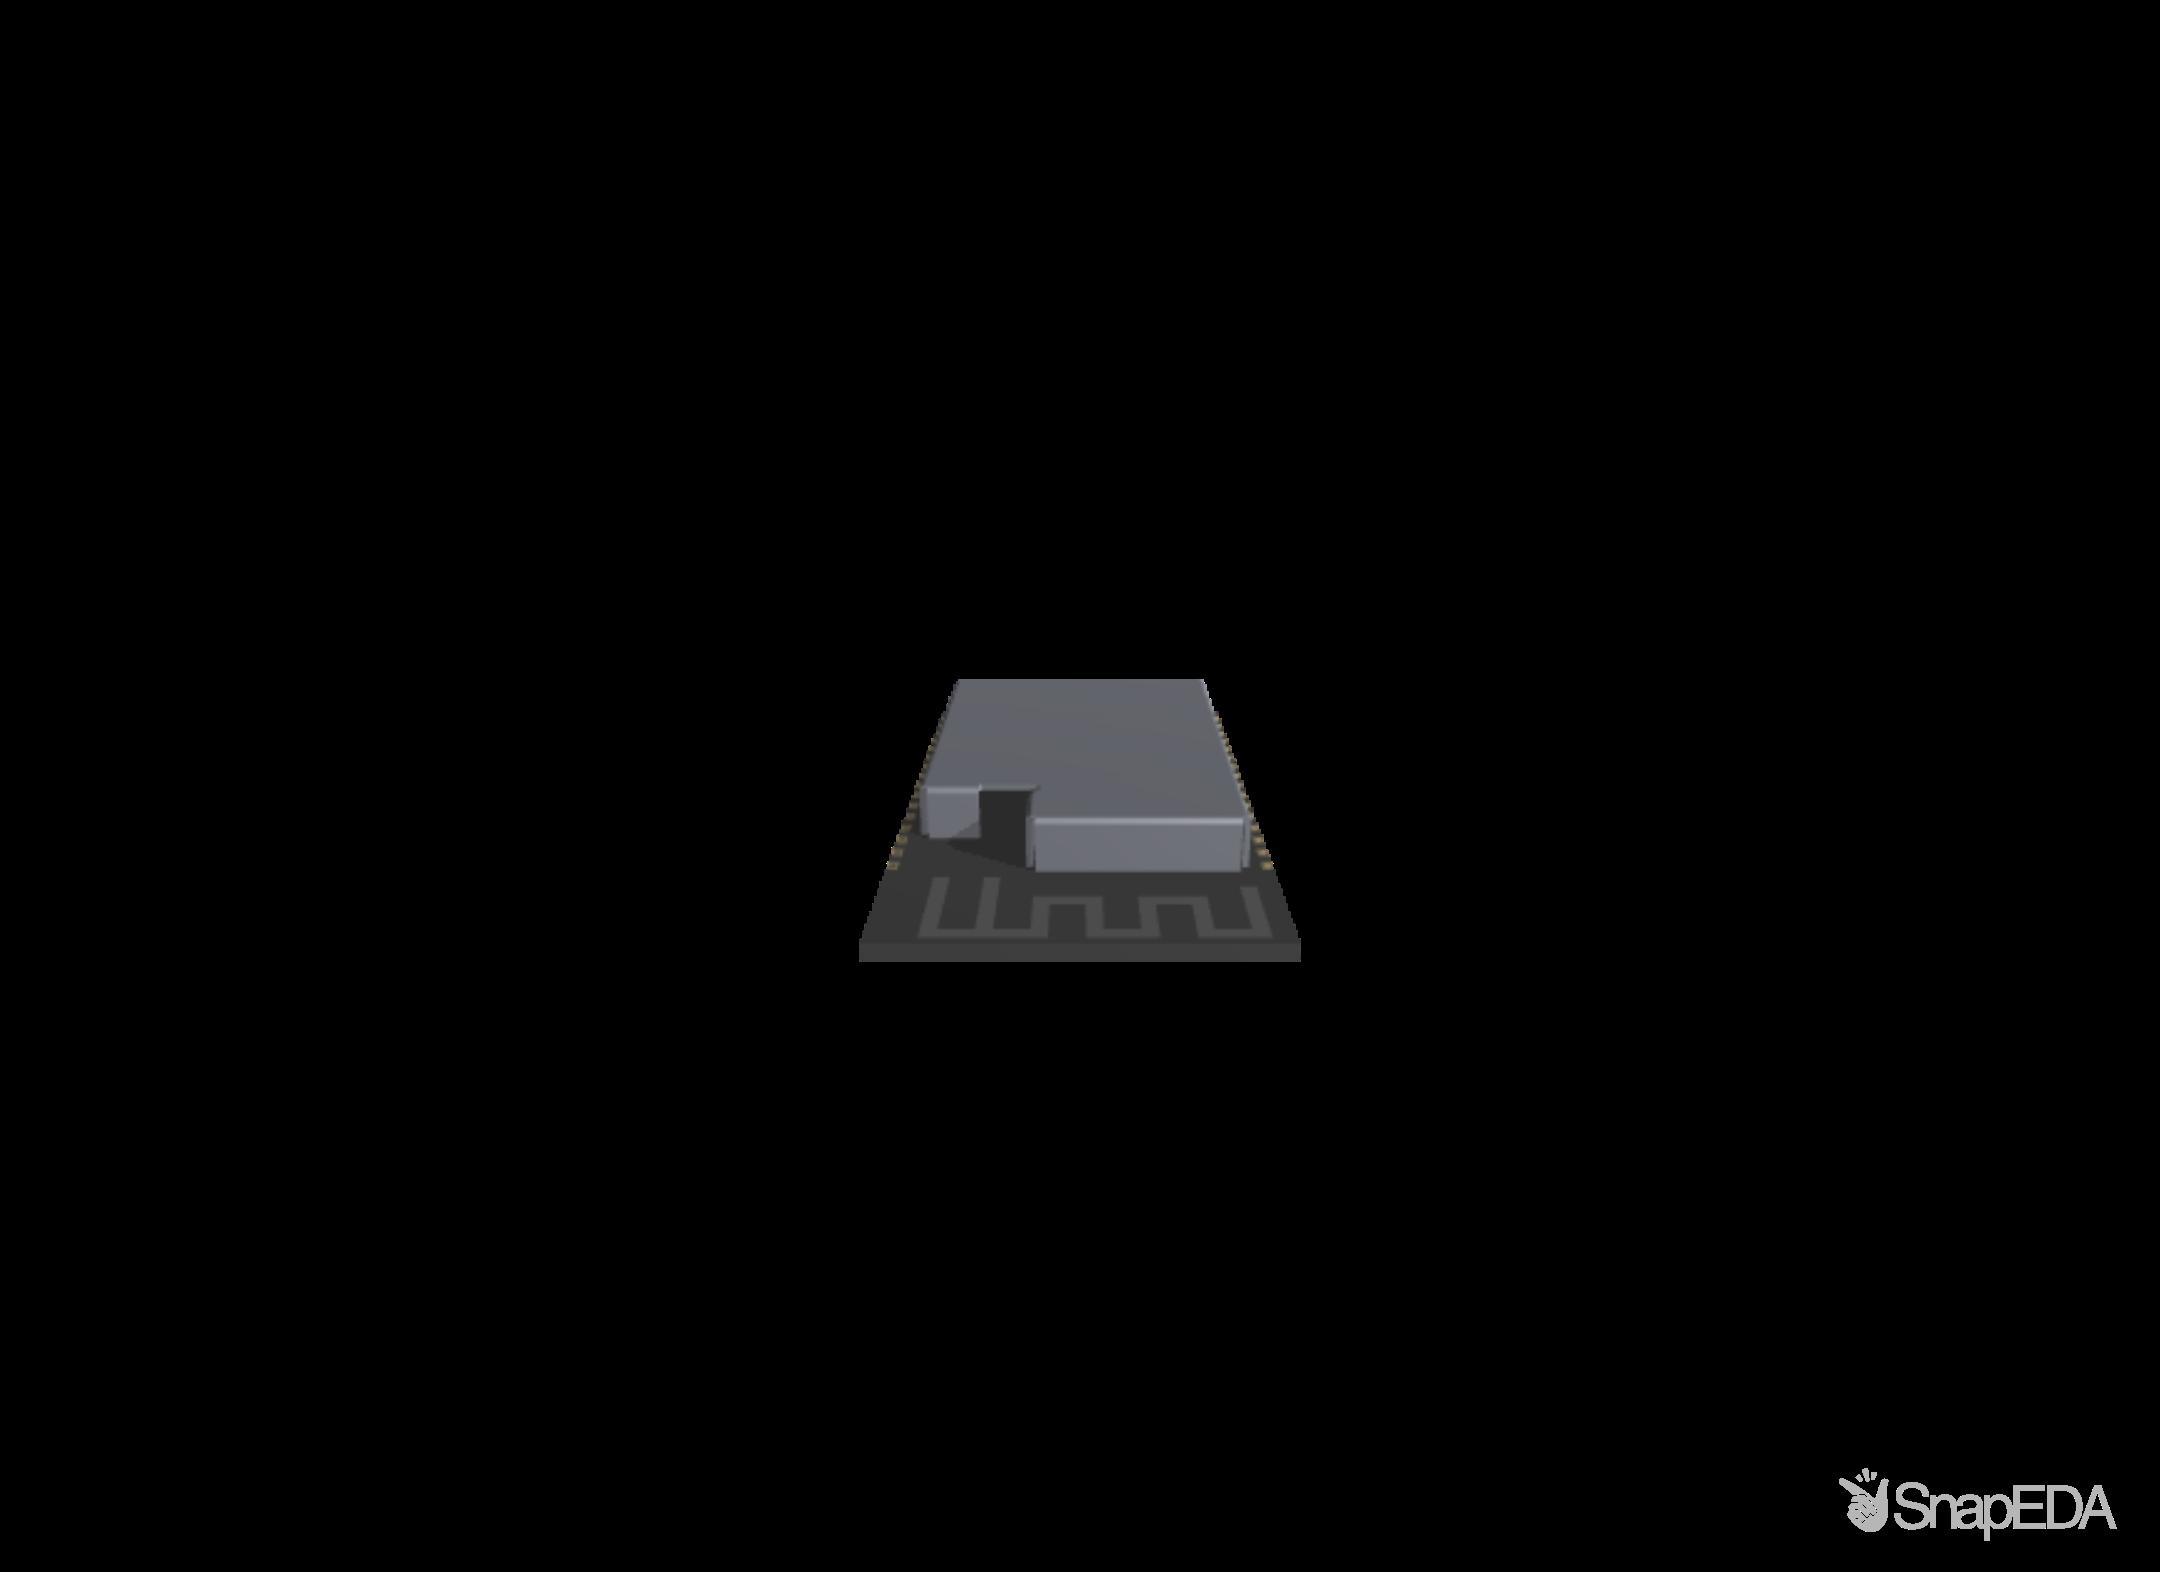 ESP32-S2-WROVER 3D Model